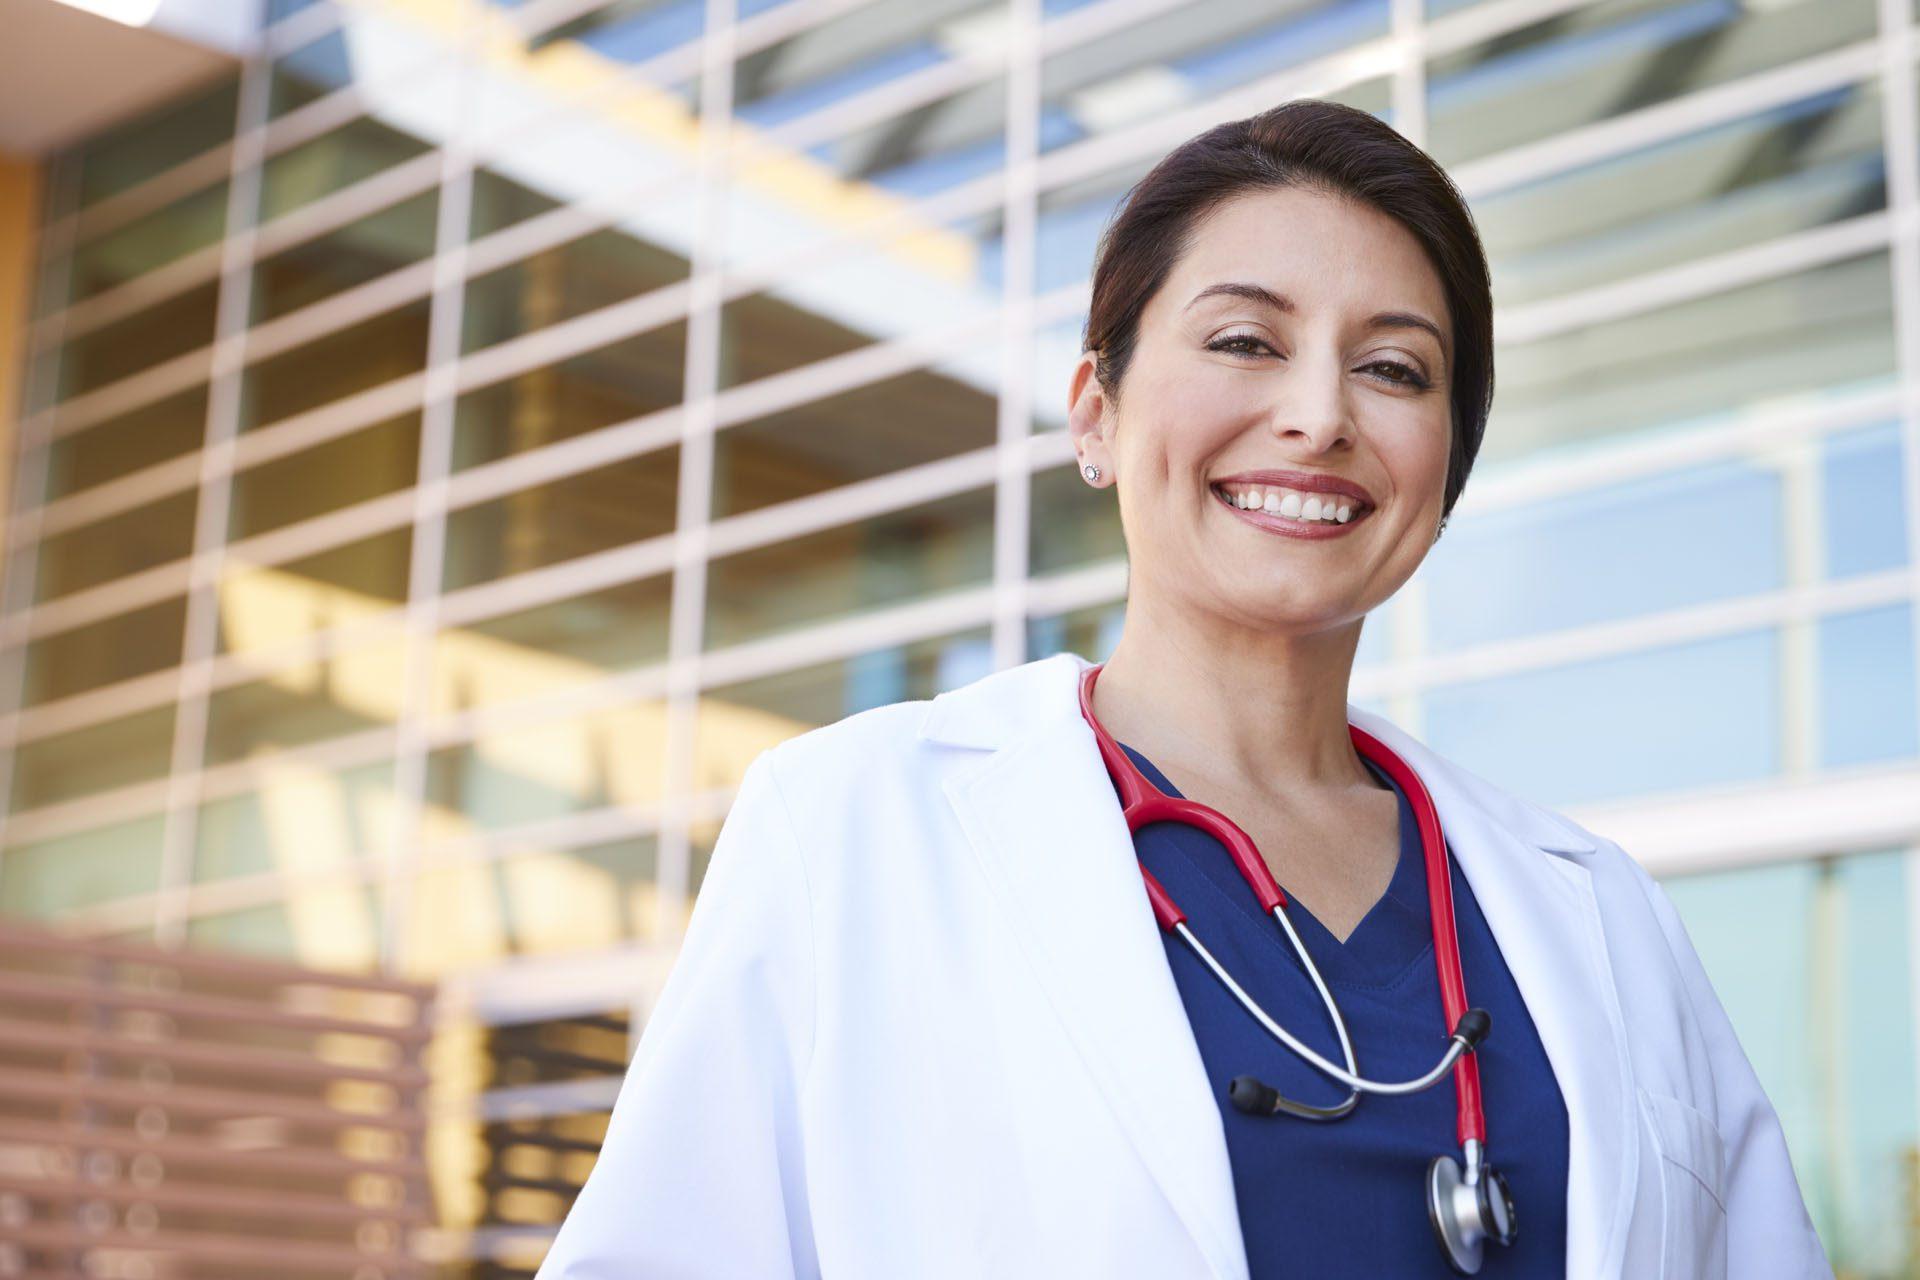 Las personas con dolor de cabeza se benefician de la quiropráctica el paso tx.